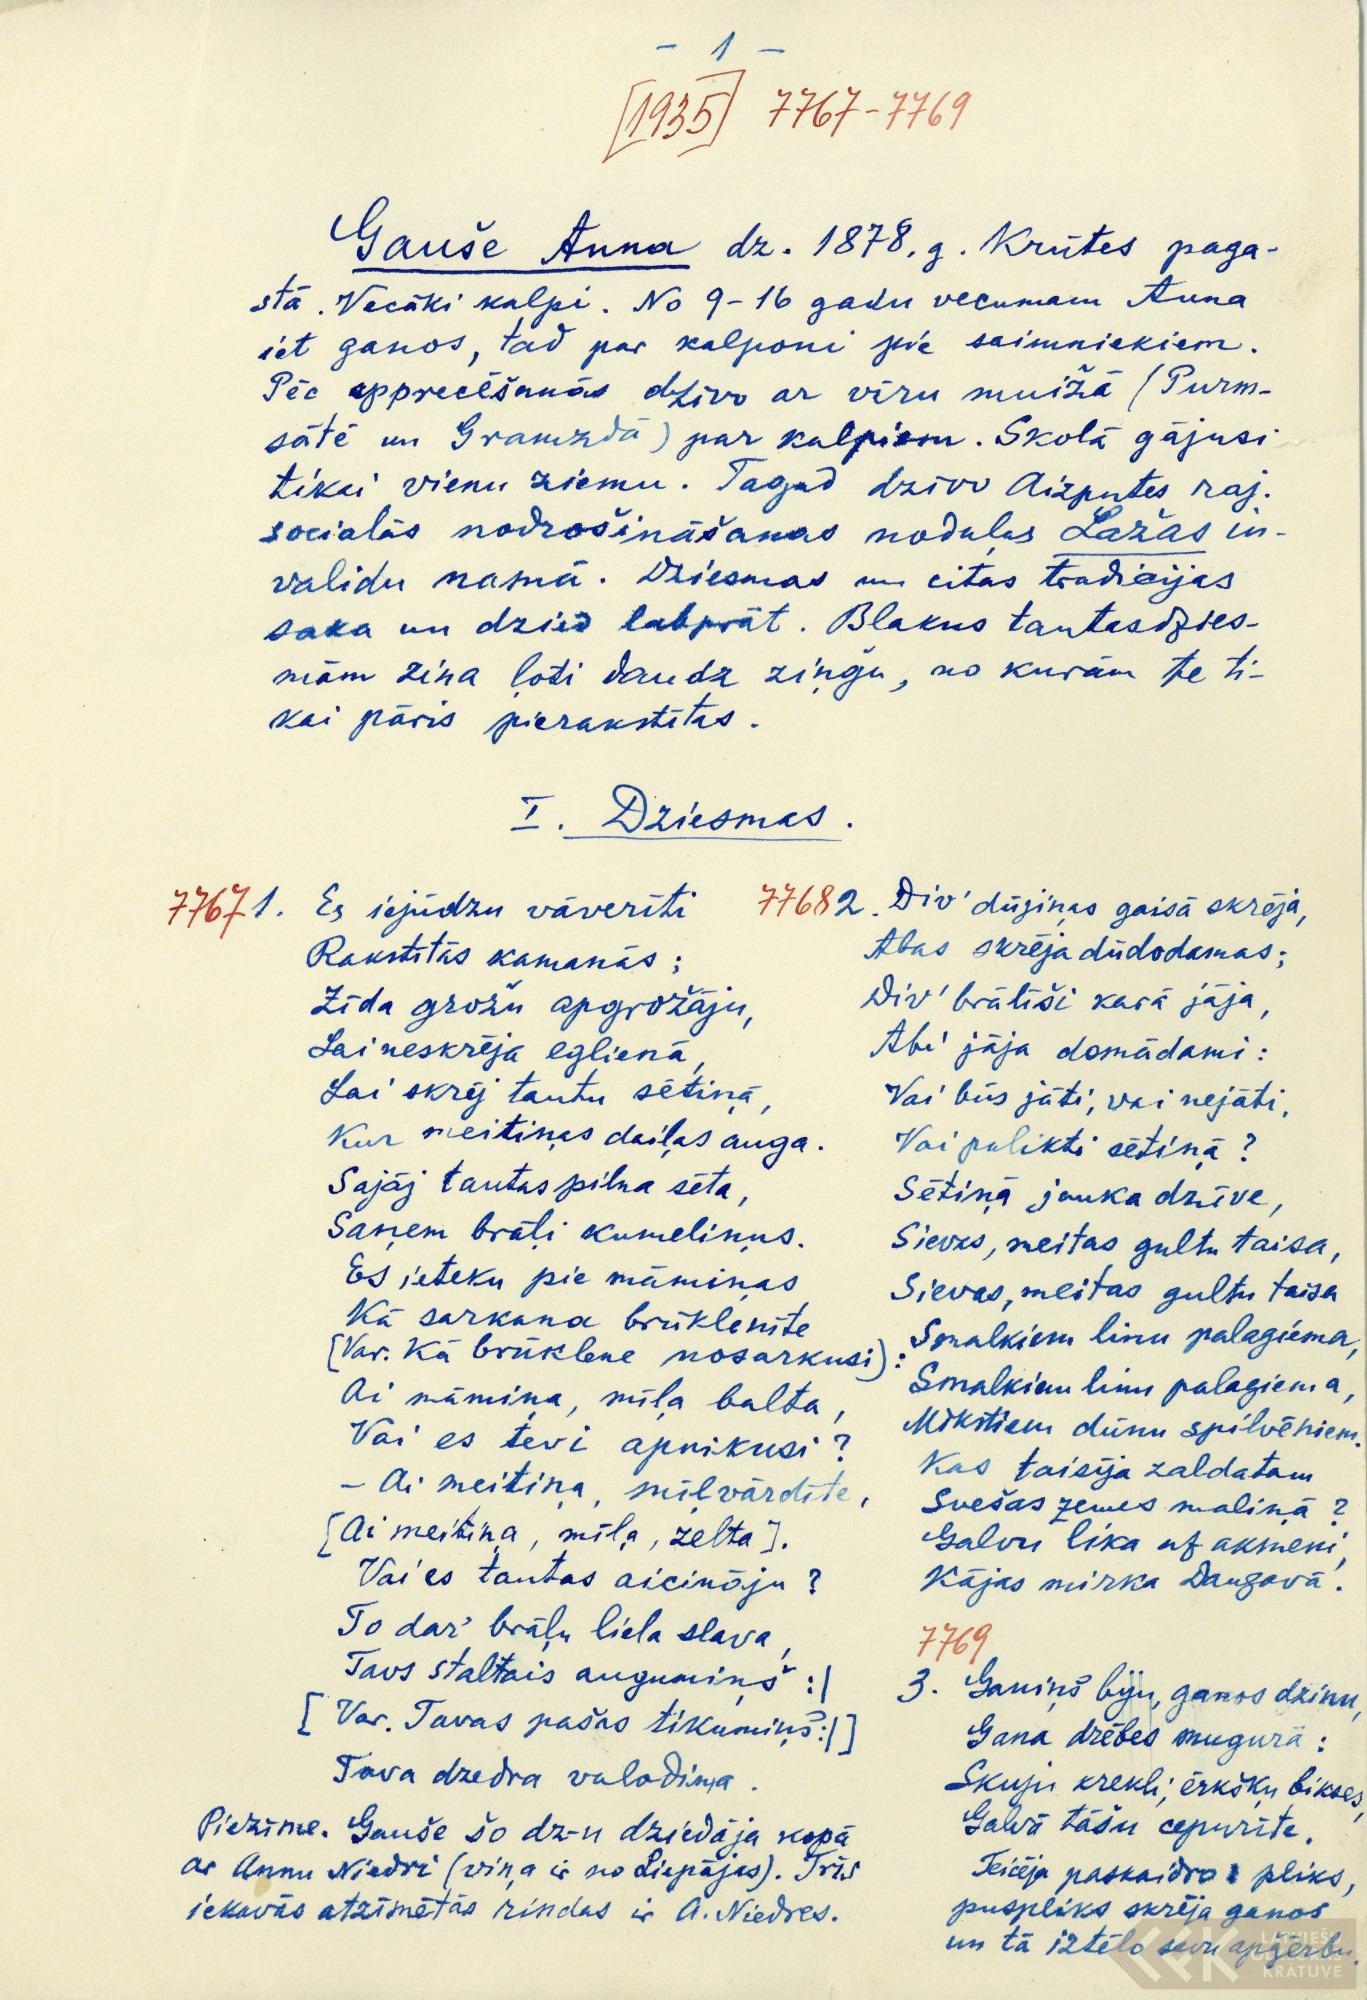 Es iejūdzu vāverīti rakstītās(i) kamanās (1957)